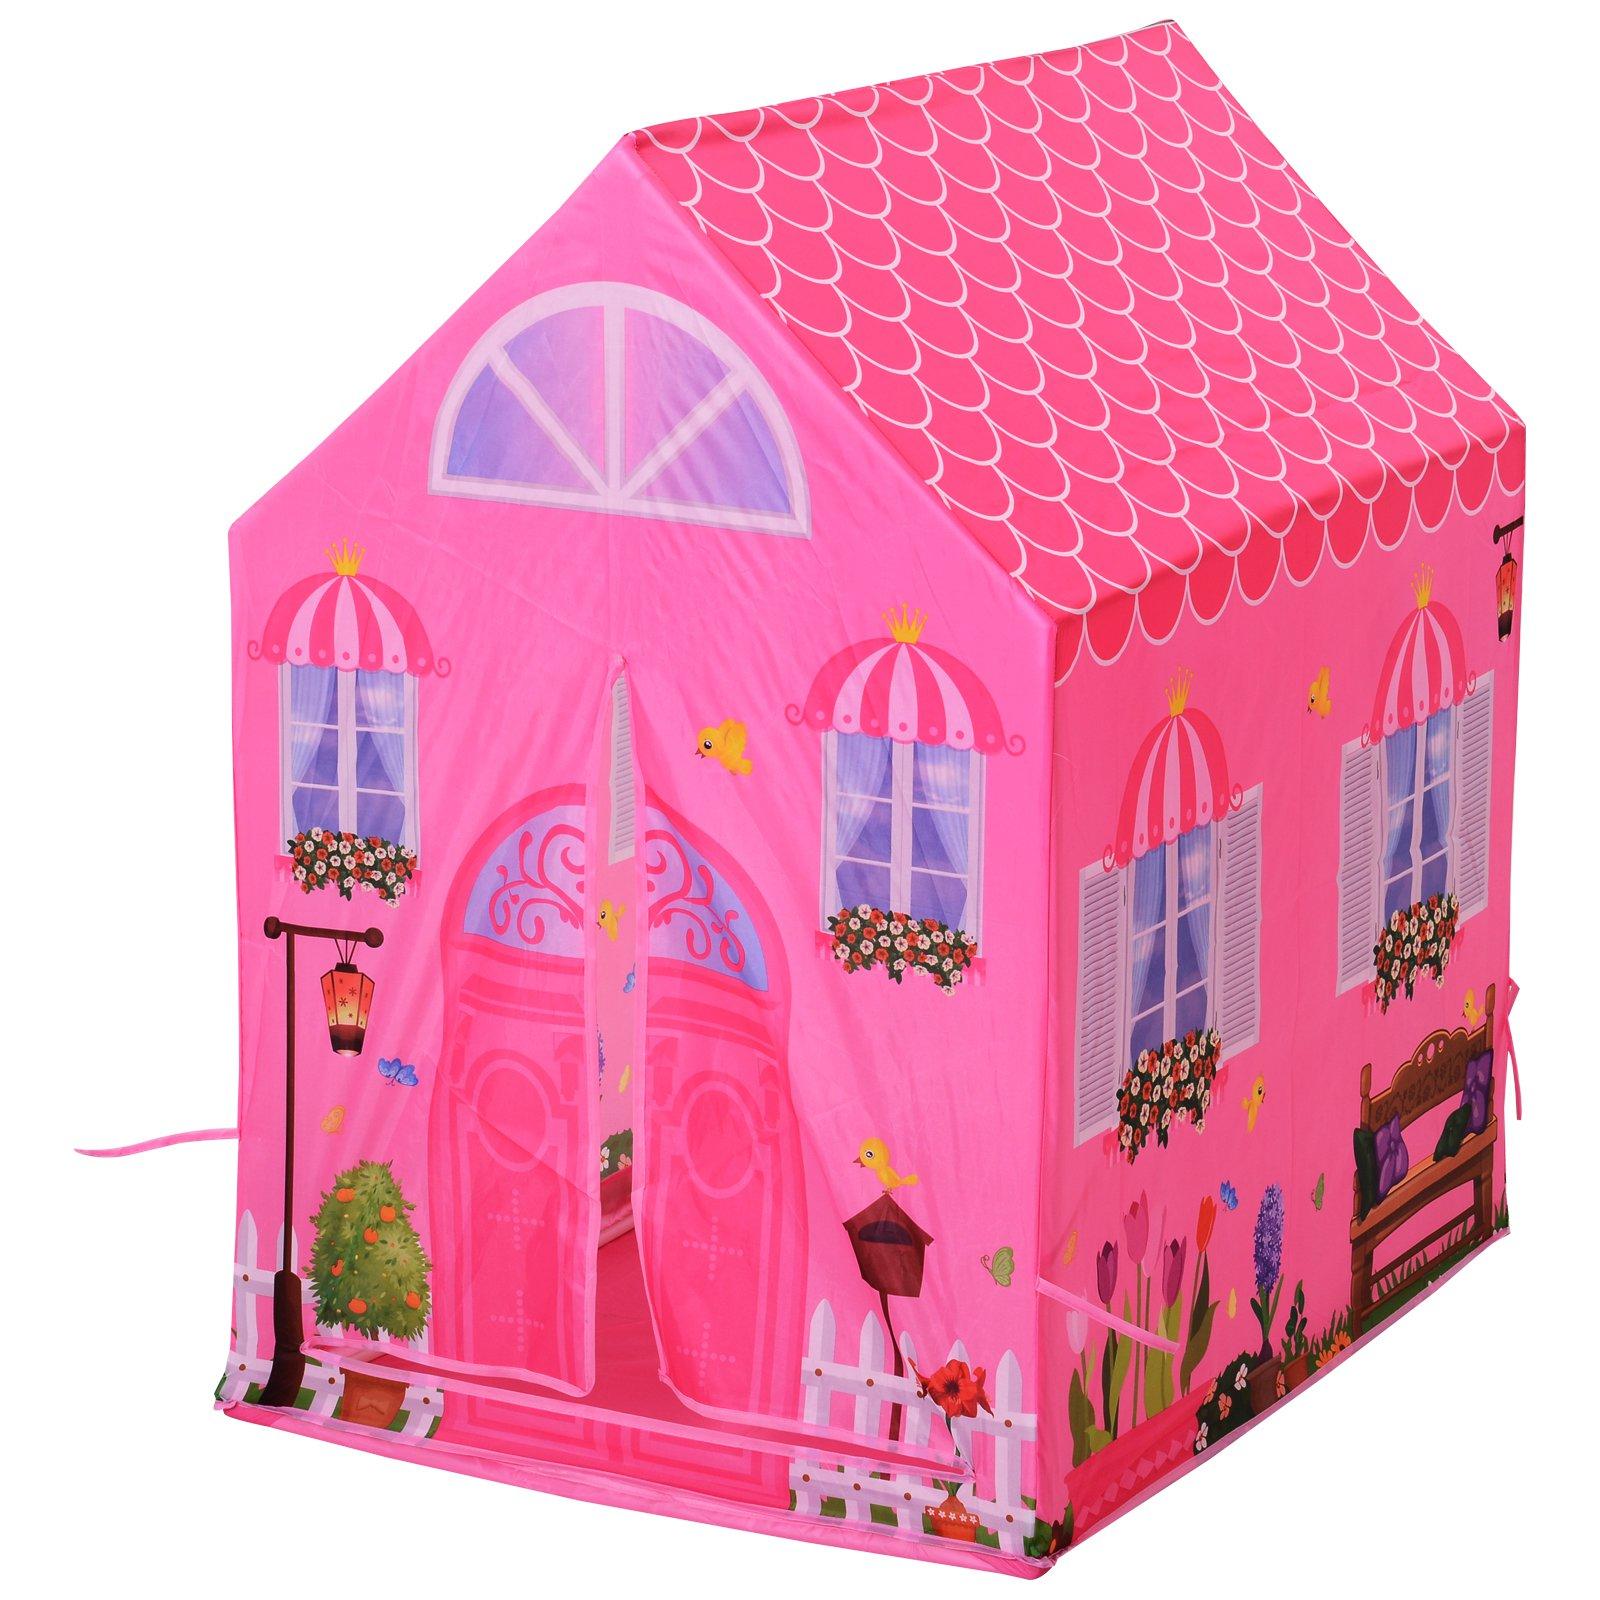 Homcom Cort Princess Play pentru Fete de peste 3 ani pentru Interior si Exterior Roz 93 x 69 x 103 cm imagine aosom.ro